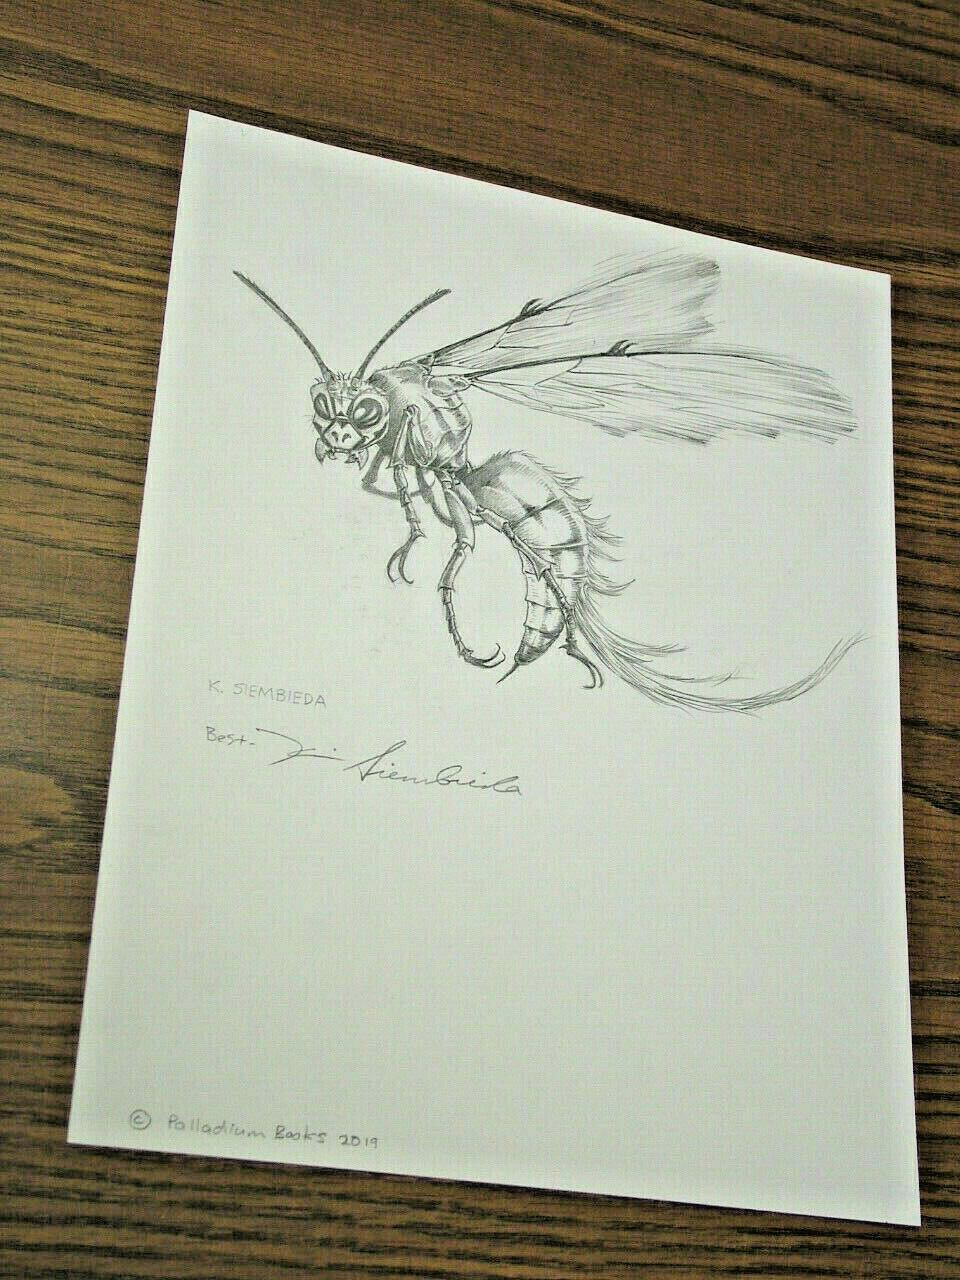 Kevin Siembieda arte original de divisiones Bestiario-Dragon Wasp 2019